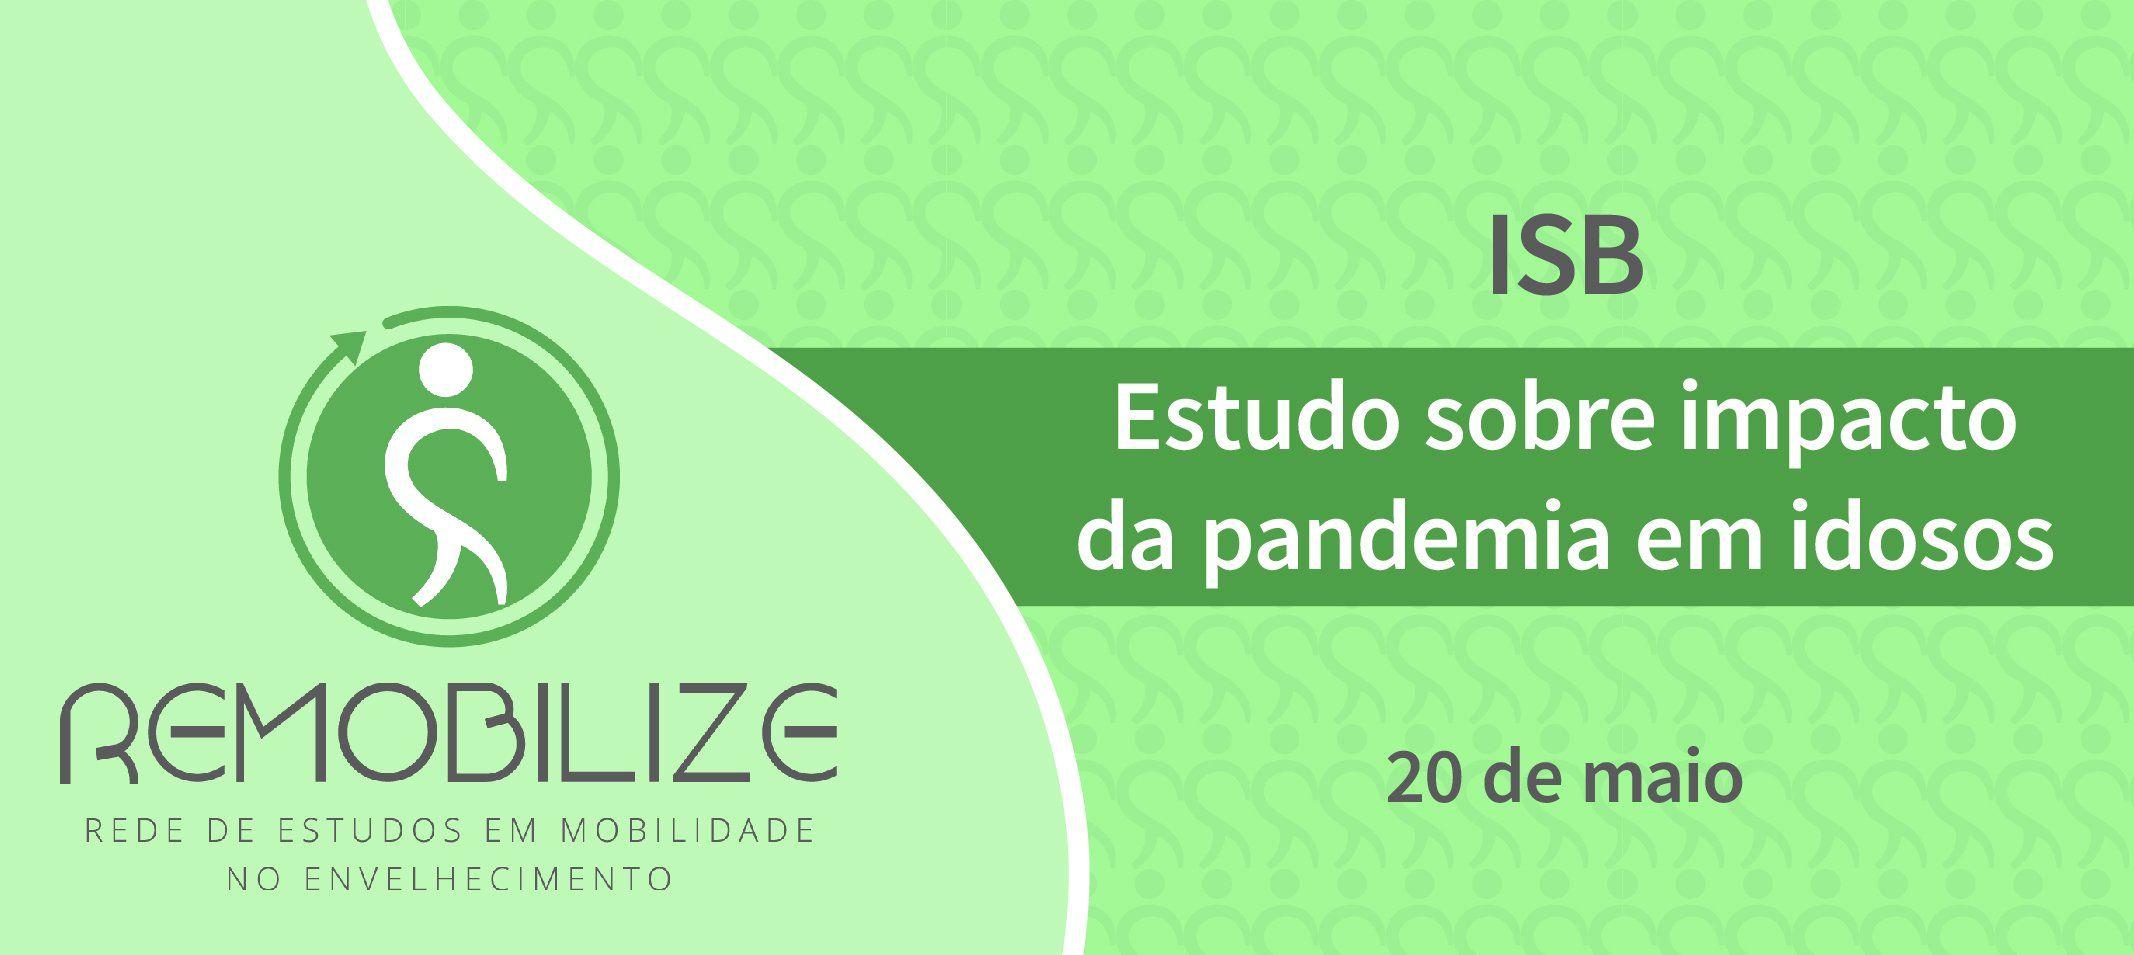 Ufam participa de estudo multicêntrico sobre impacto da pandemia em idosos